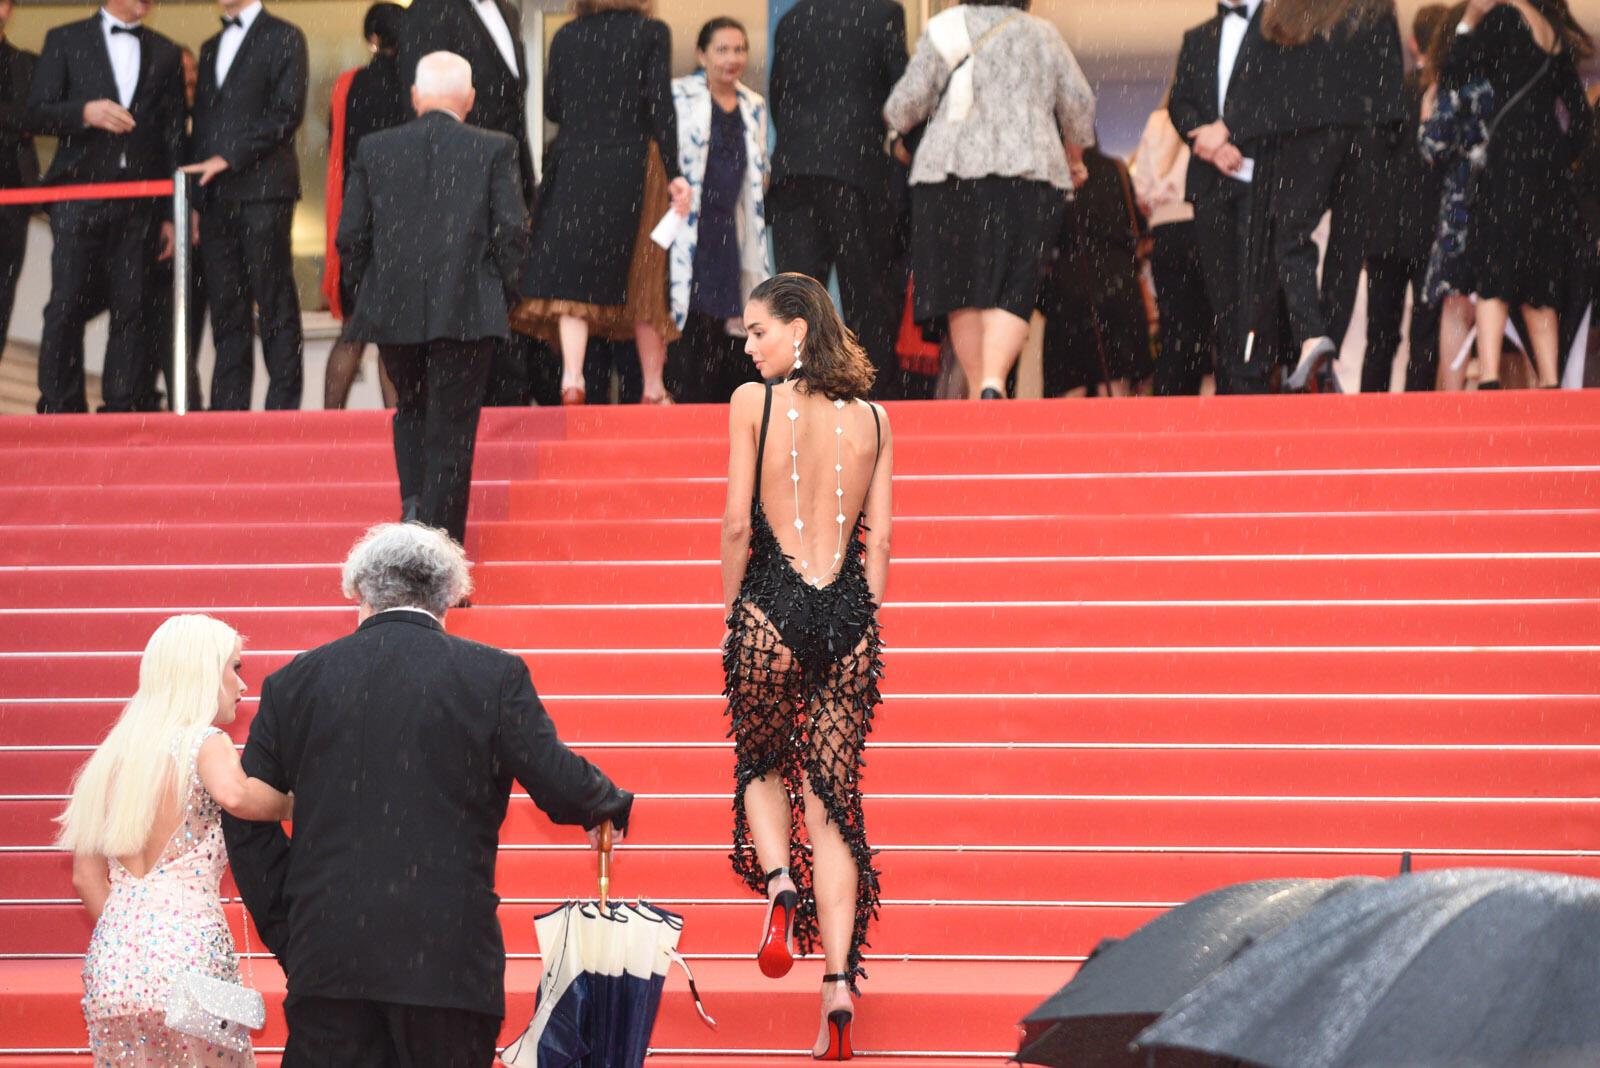 Una mujer sube los escalones del Palacio de los Festivales bajo una lluvia torrencial.